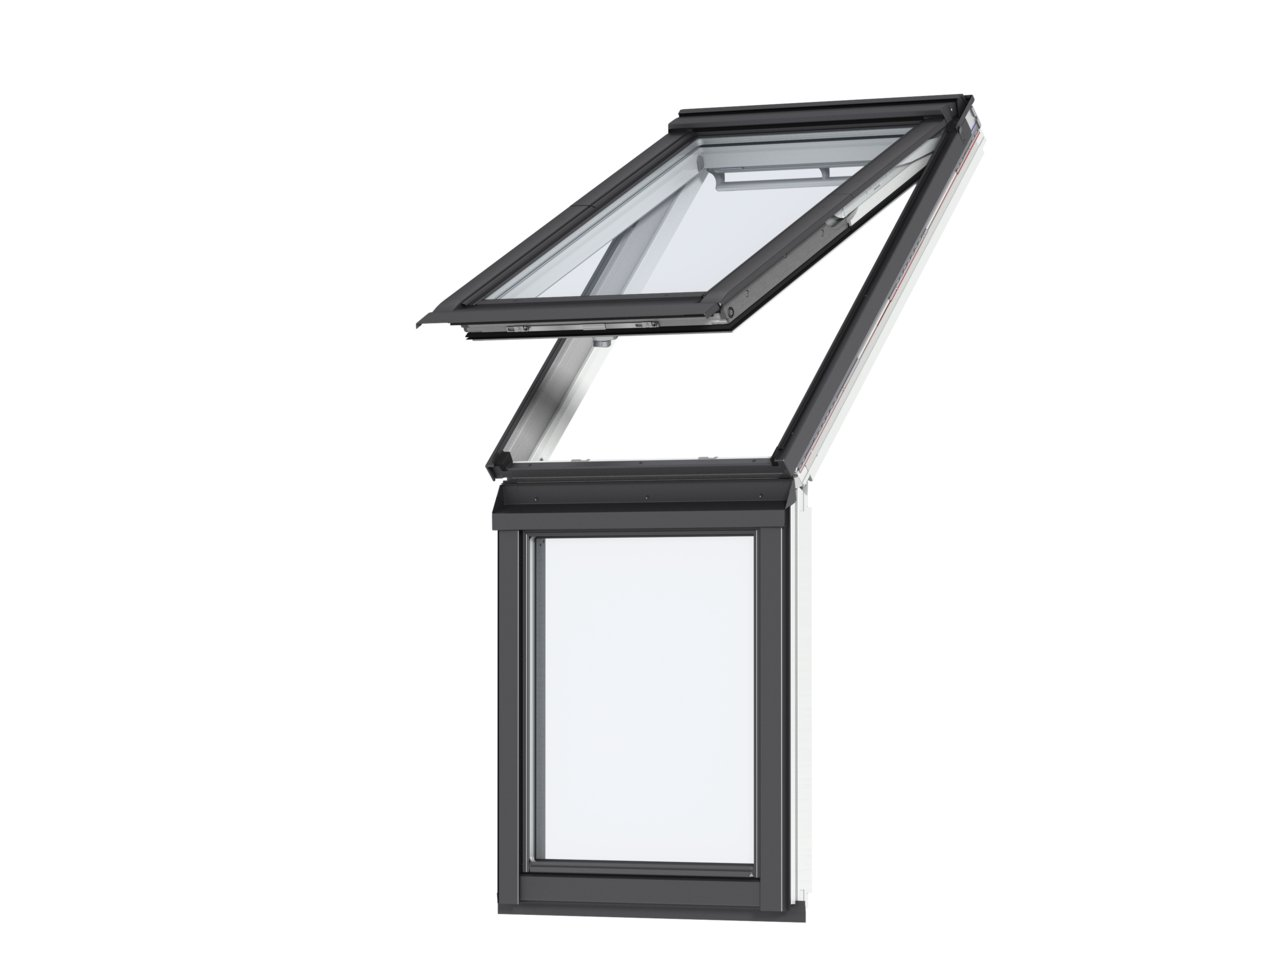 Fereastra verticala pentru combinatie cu fereastra de mansarda VELUX VIU 0070